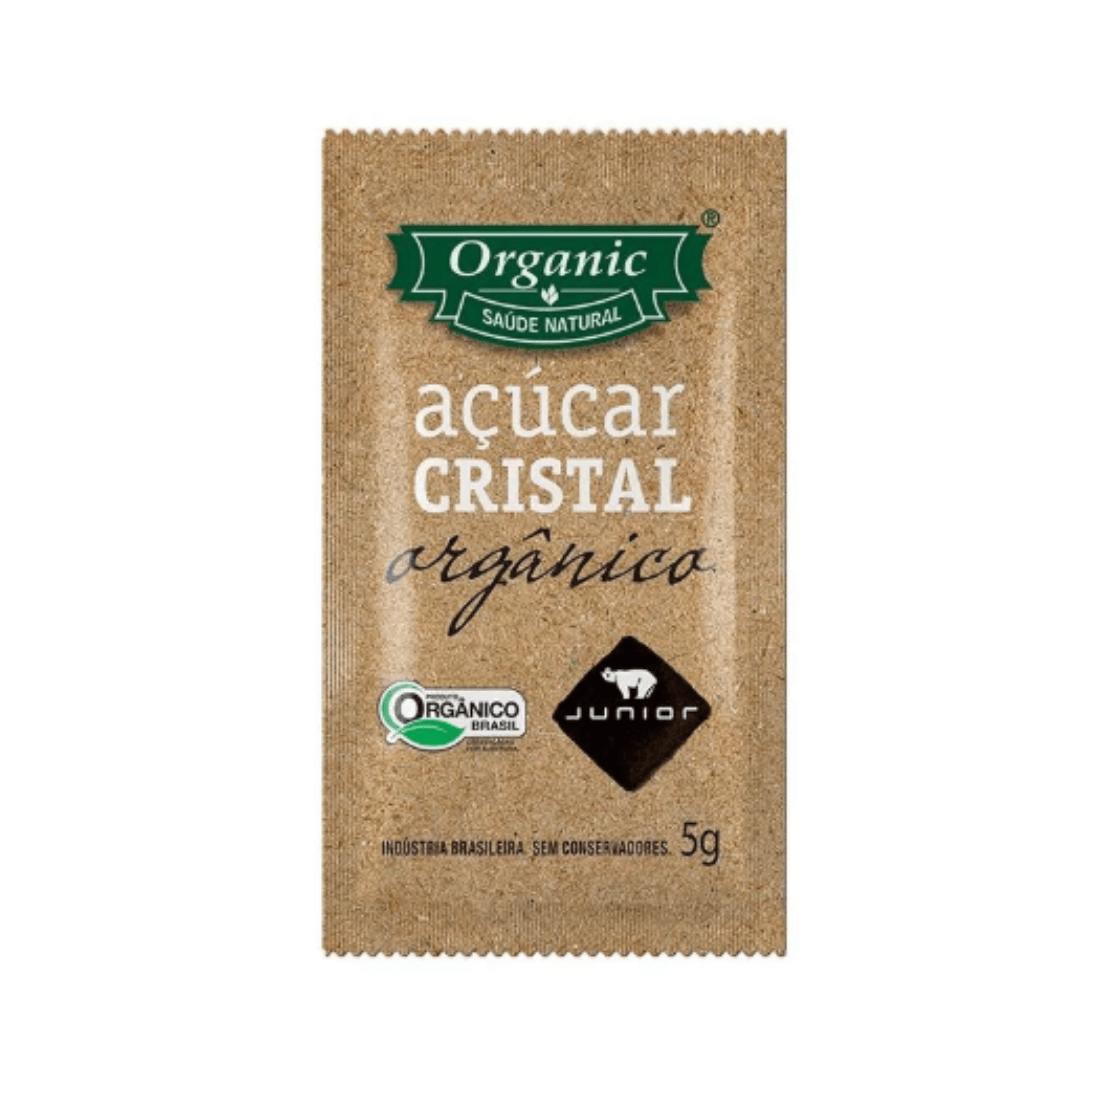 AÇÚCAR CRISTAL ORGÂNICO JUNIOR SACHÊ 5G CAIXA 396 UNIDADES